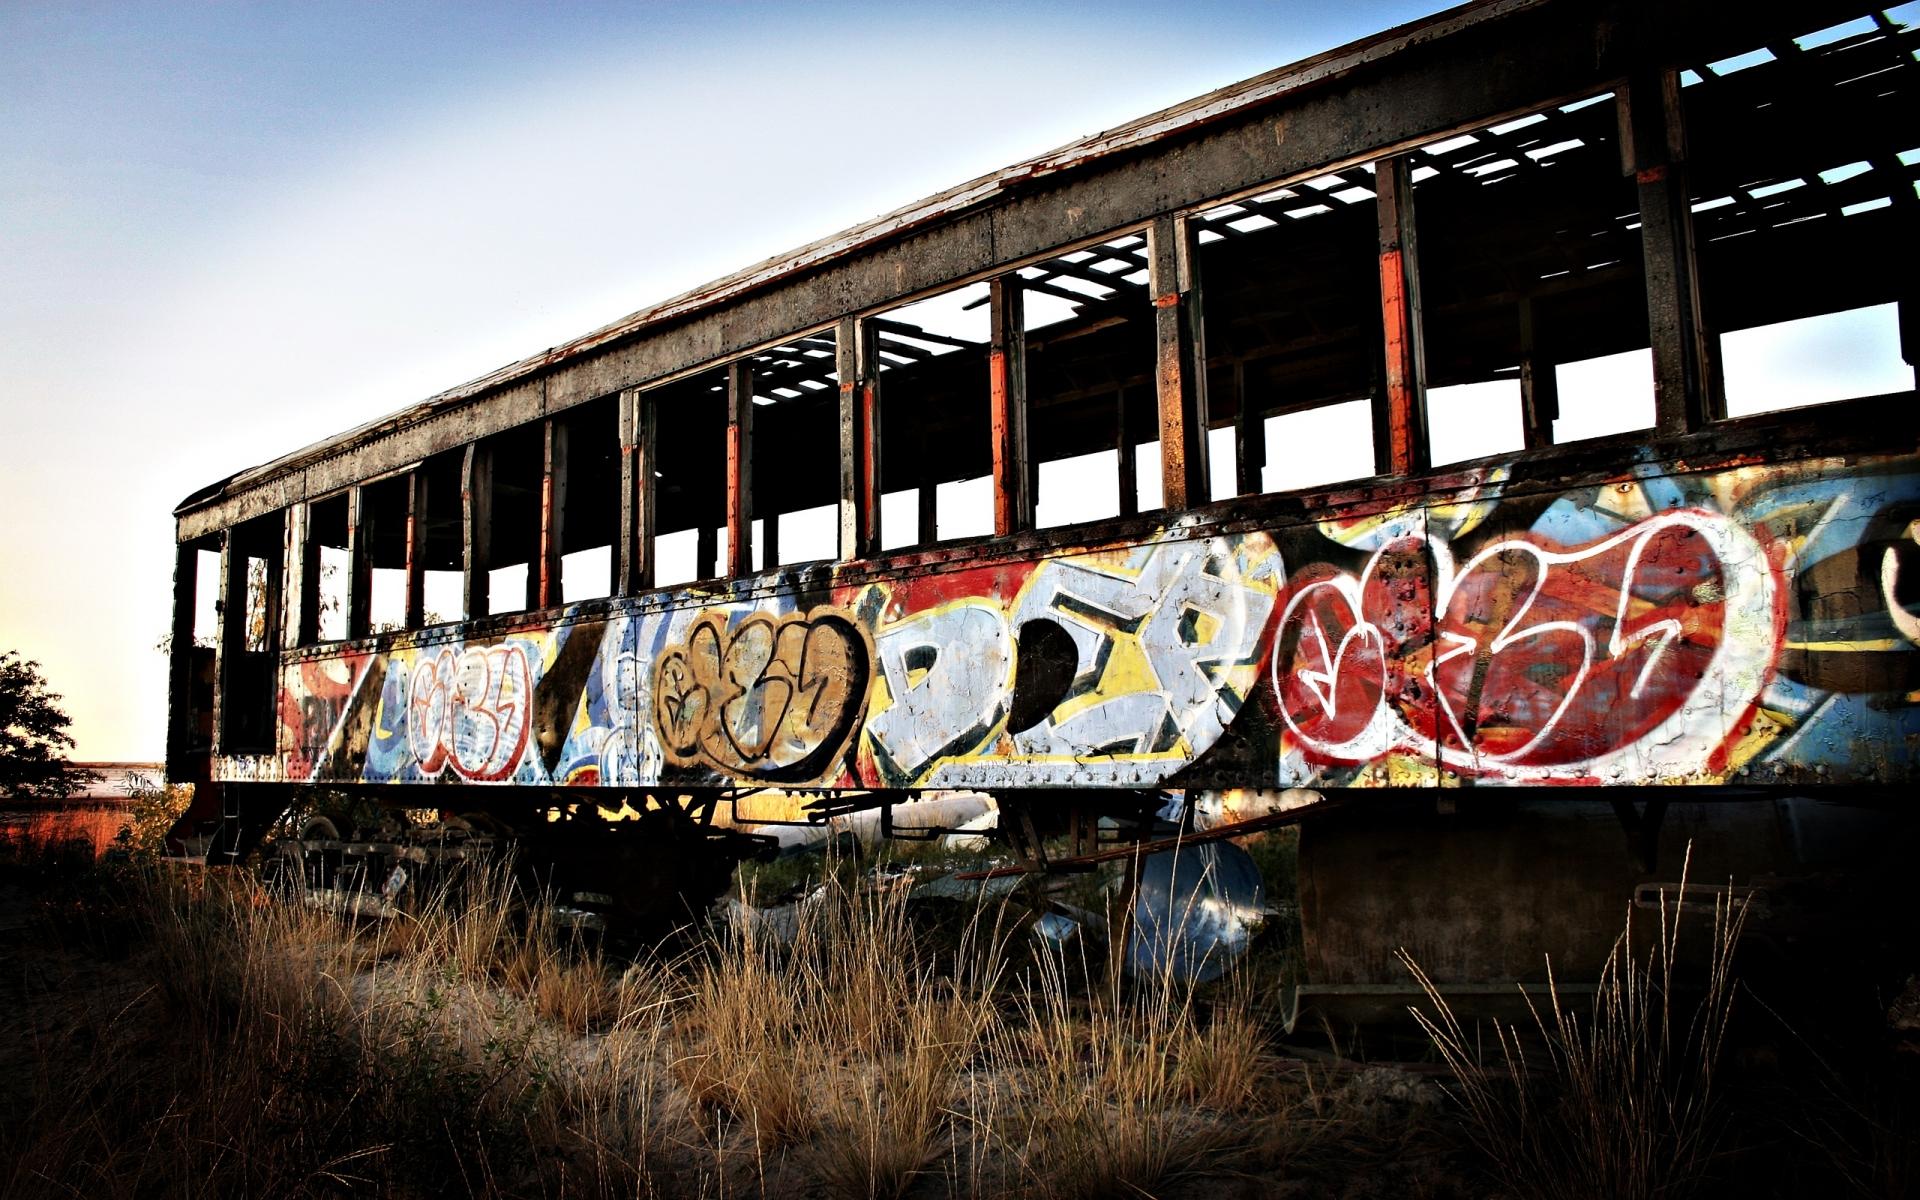 Decay ruin wreck urban art graffiti mood wallpaper ...